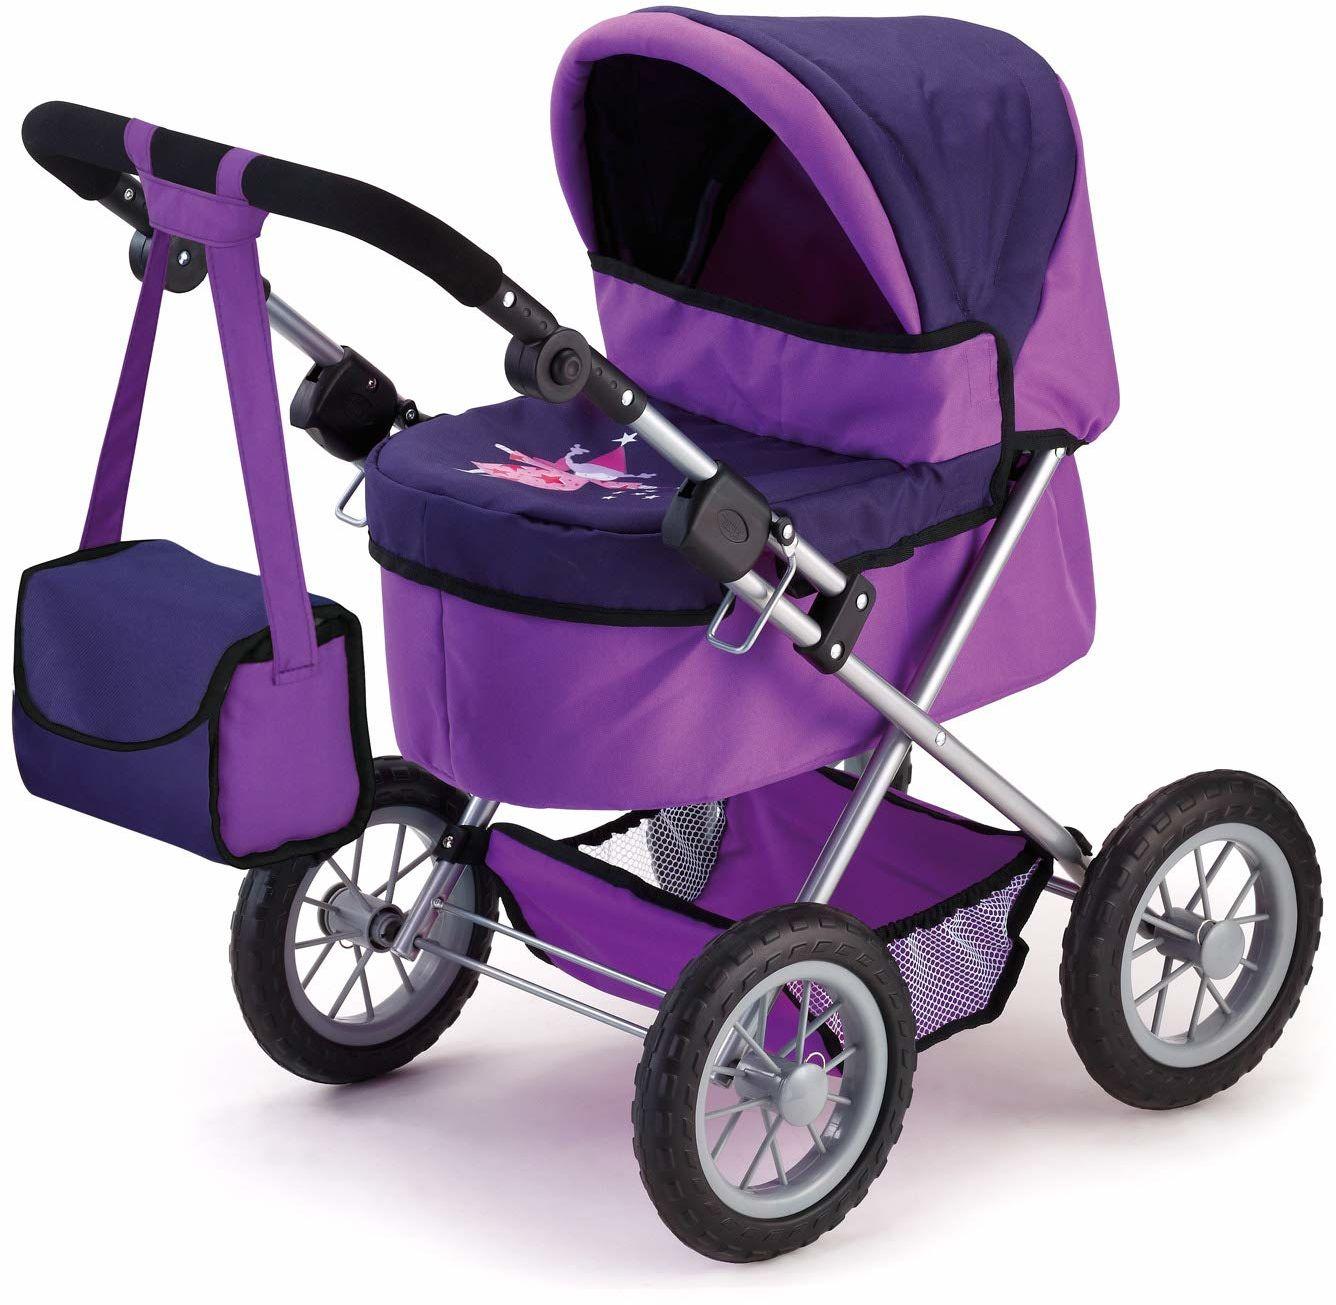 Bayer Design 13012AA Trendy wózek dla lalek z regulacją wysokości, składany, z torbą, motyw: wróżka, liliowy